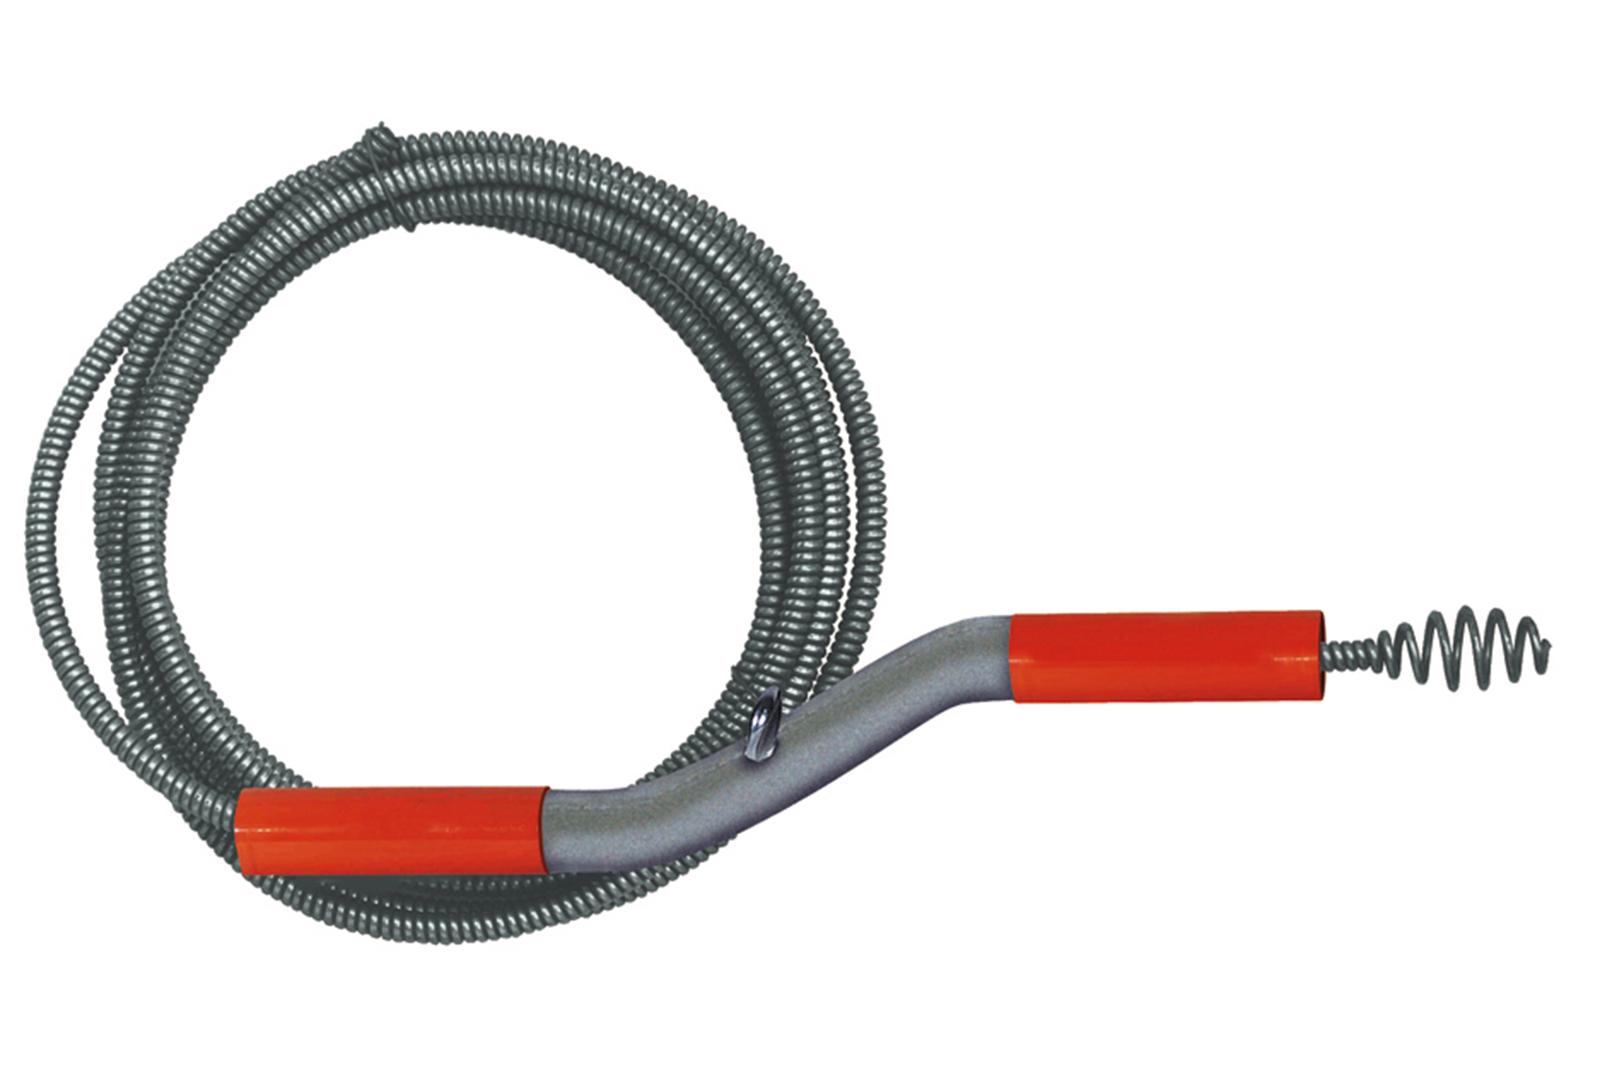 Трос для прочистки General pipe Flexicore 75fl3